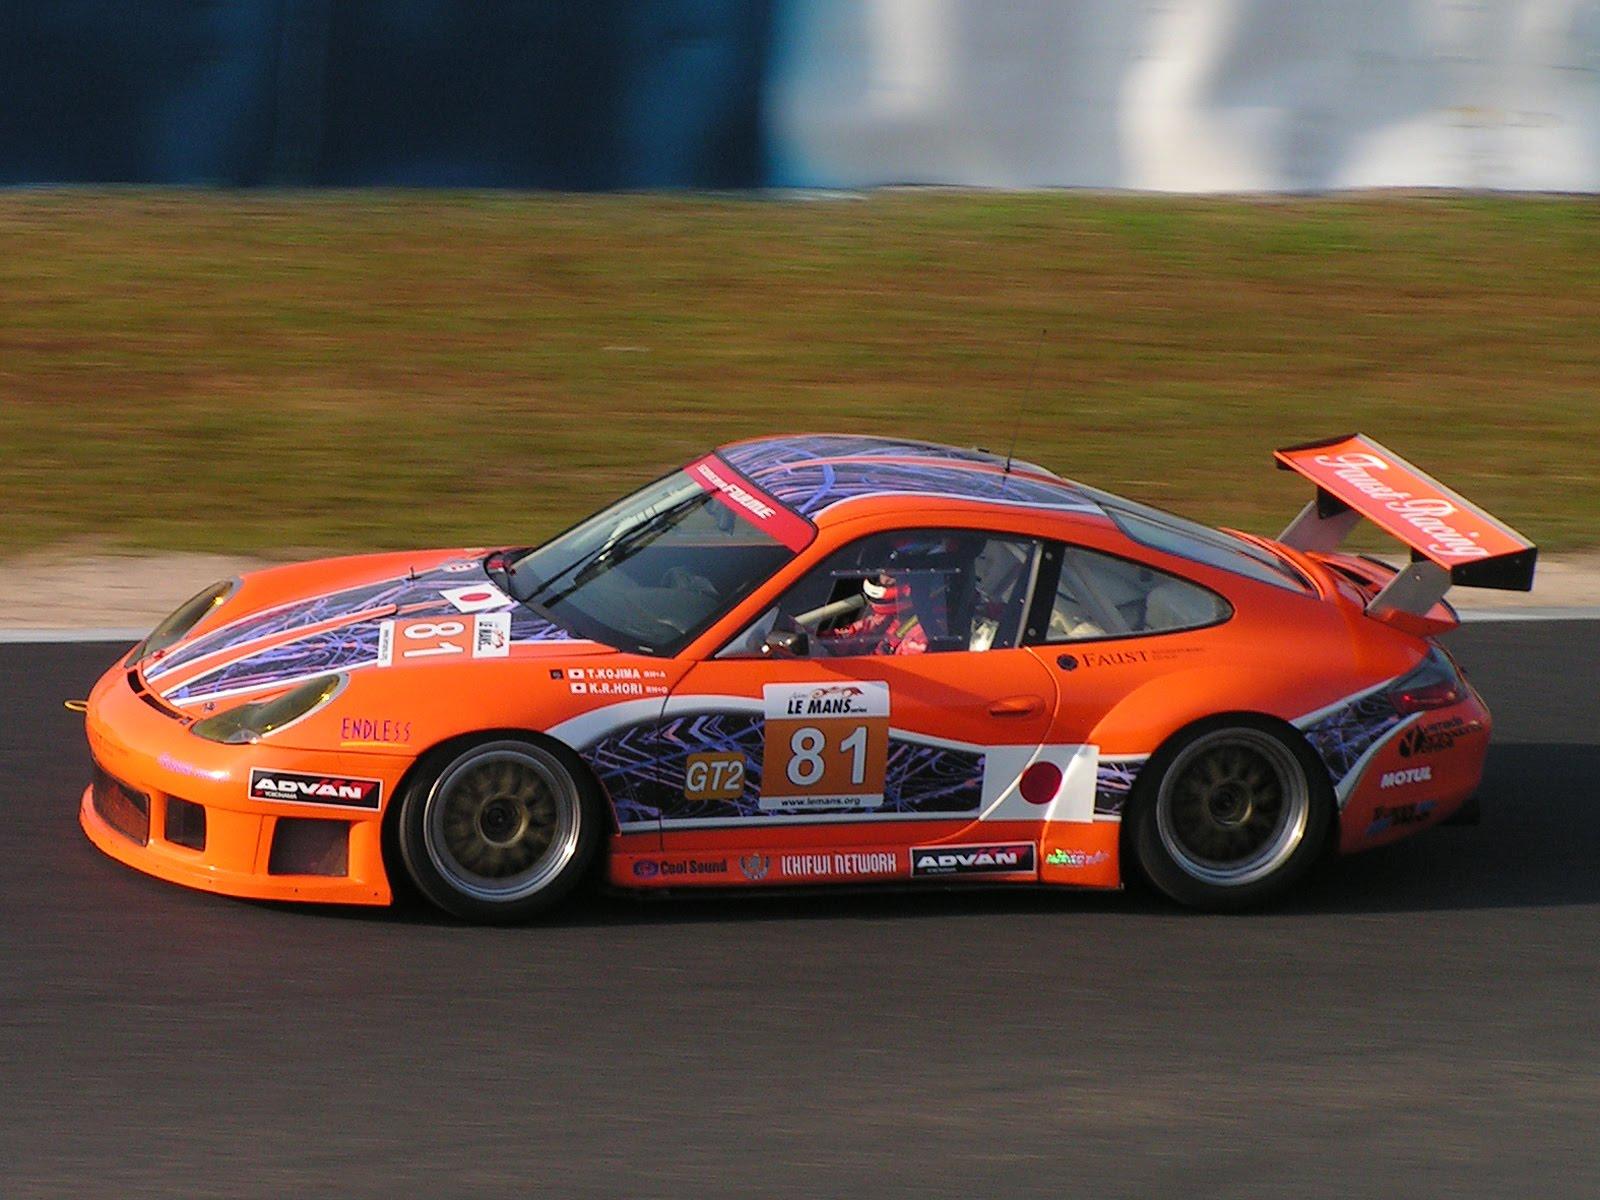 %2381_Porsche_911_GT3_RSR_996_01.jpg